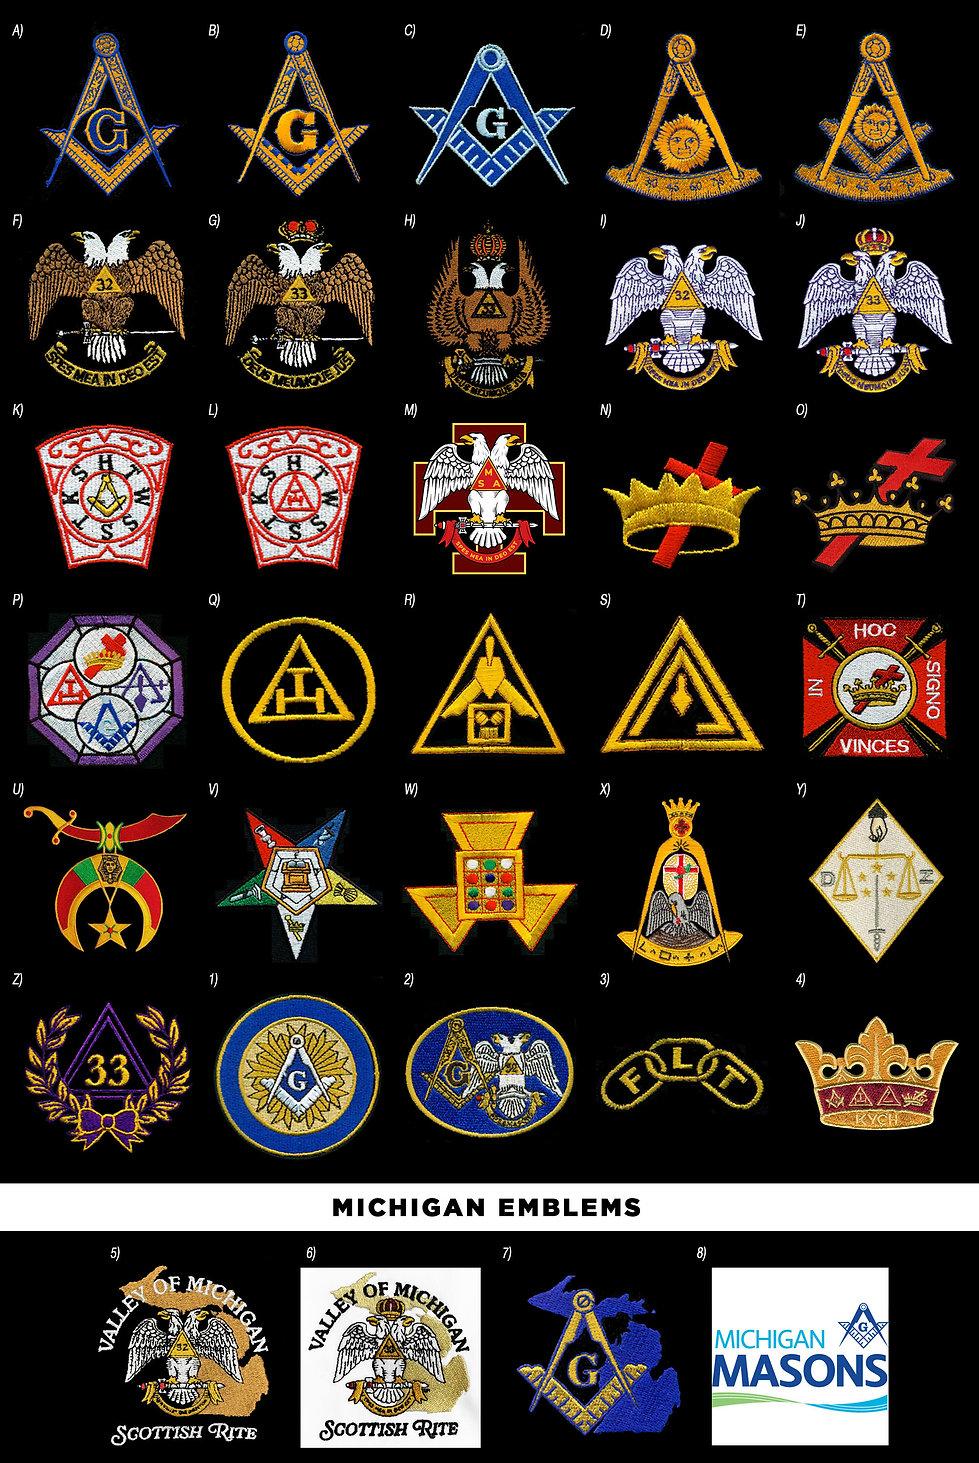 Regalia-Masonic-Embroidery-All-June-2021